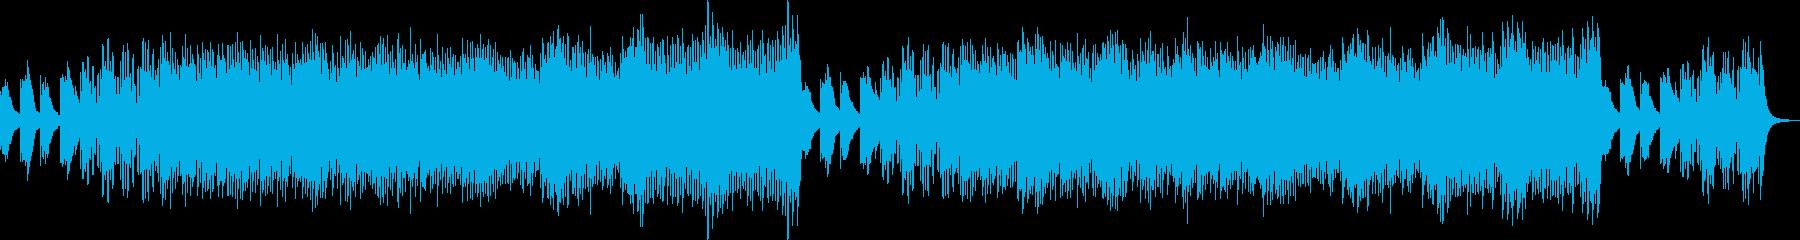 安らぎ・平和・平穏・安心・ピアノソロの再生済みの波形